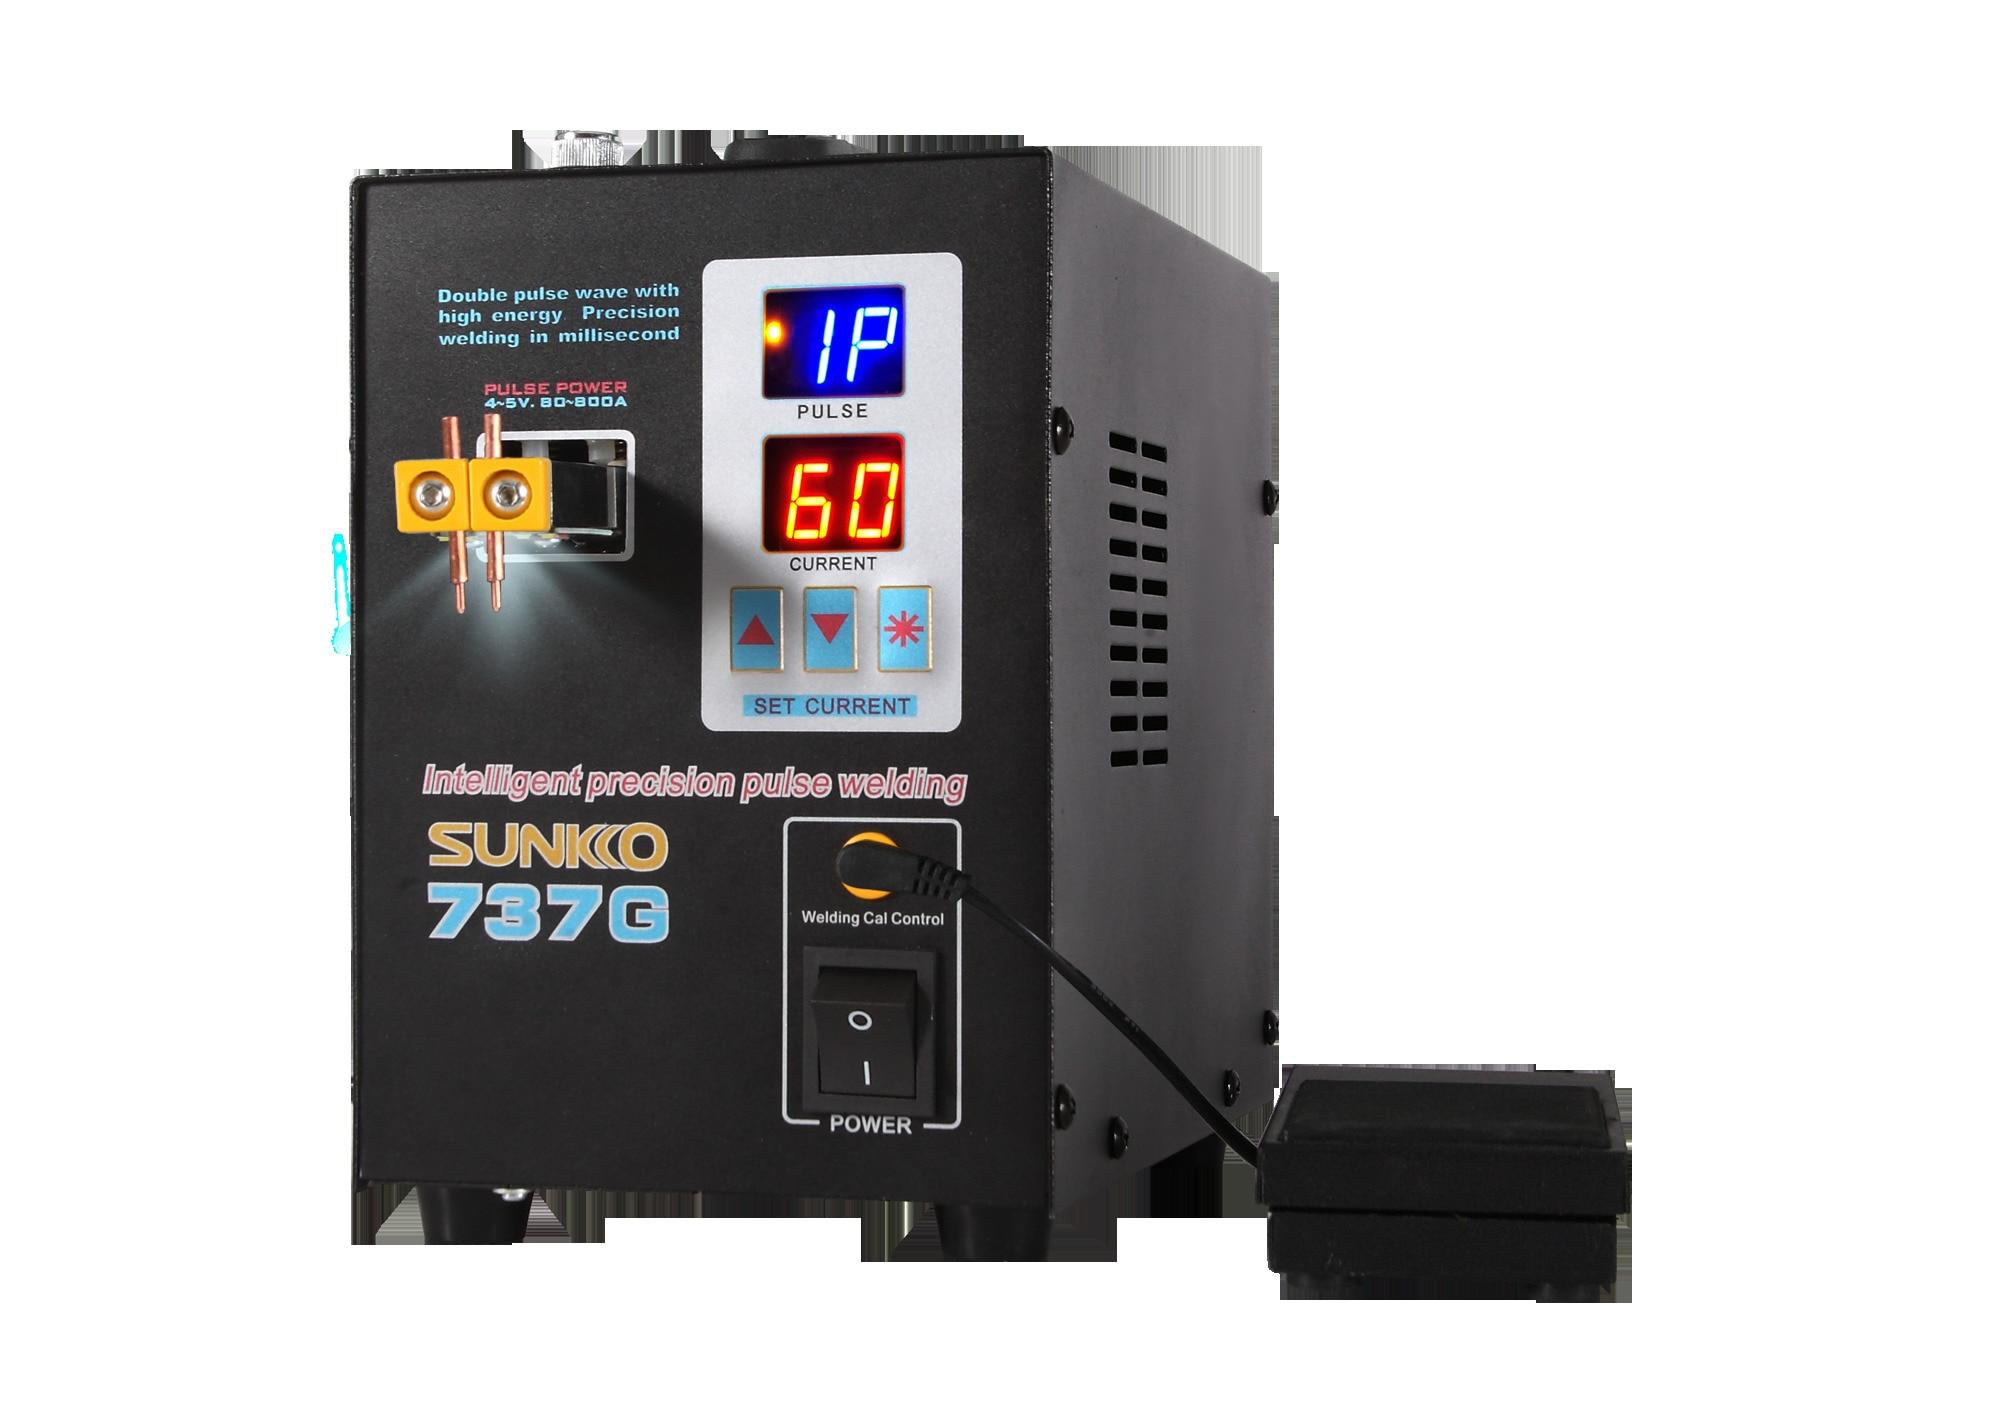 SUNKKO 737G Battery Spot Welder 4 3KW High Power Automatic Spot Welding Machine For 18650 Lithium Batteries Pulse Spot Welders